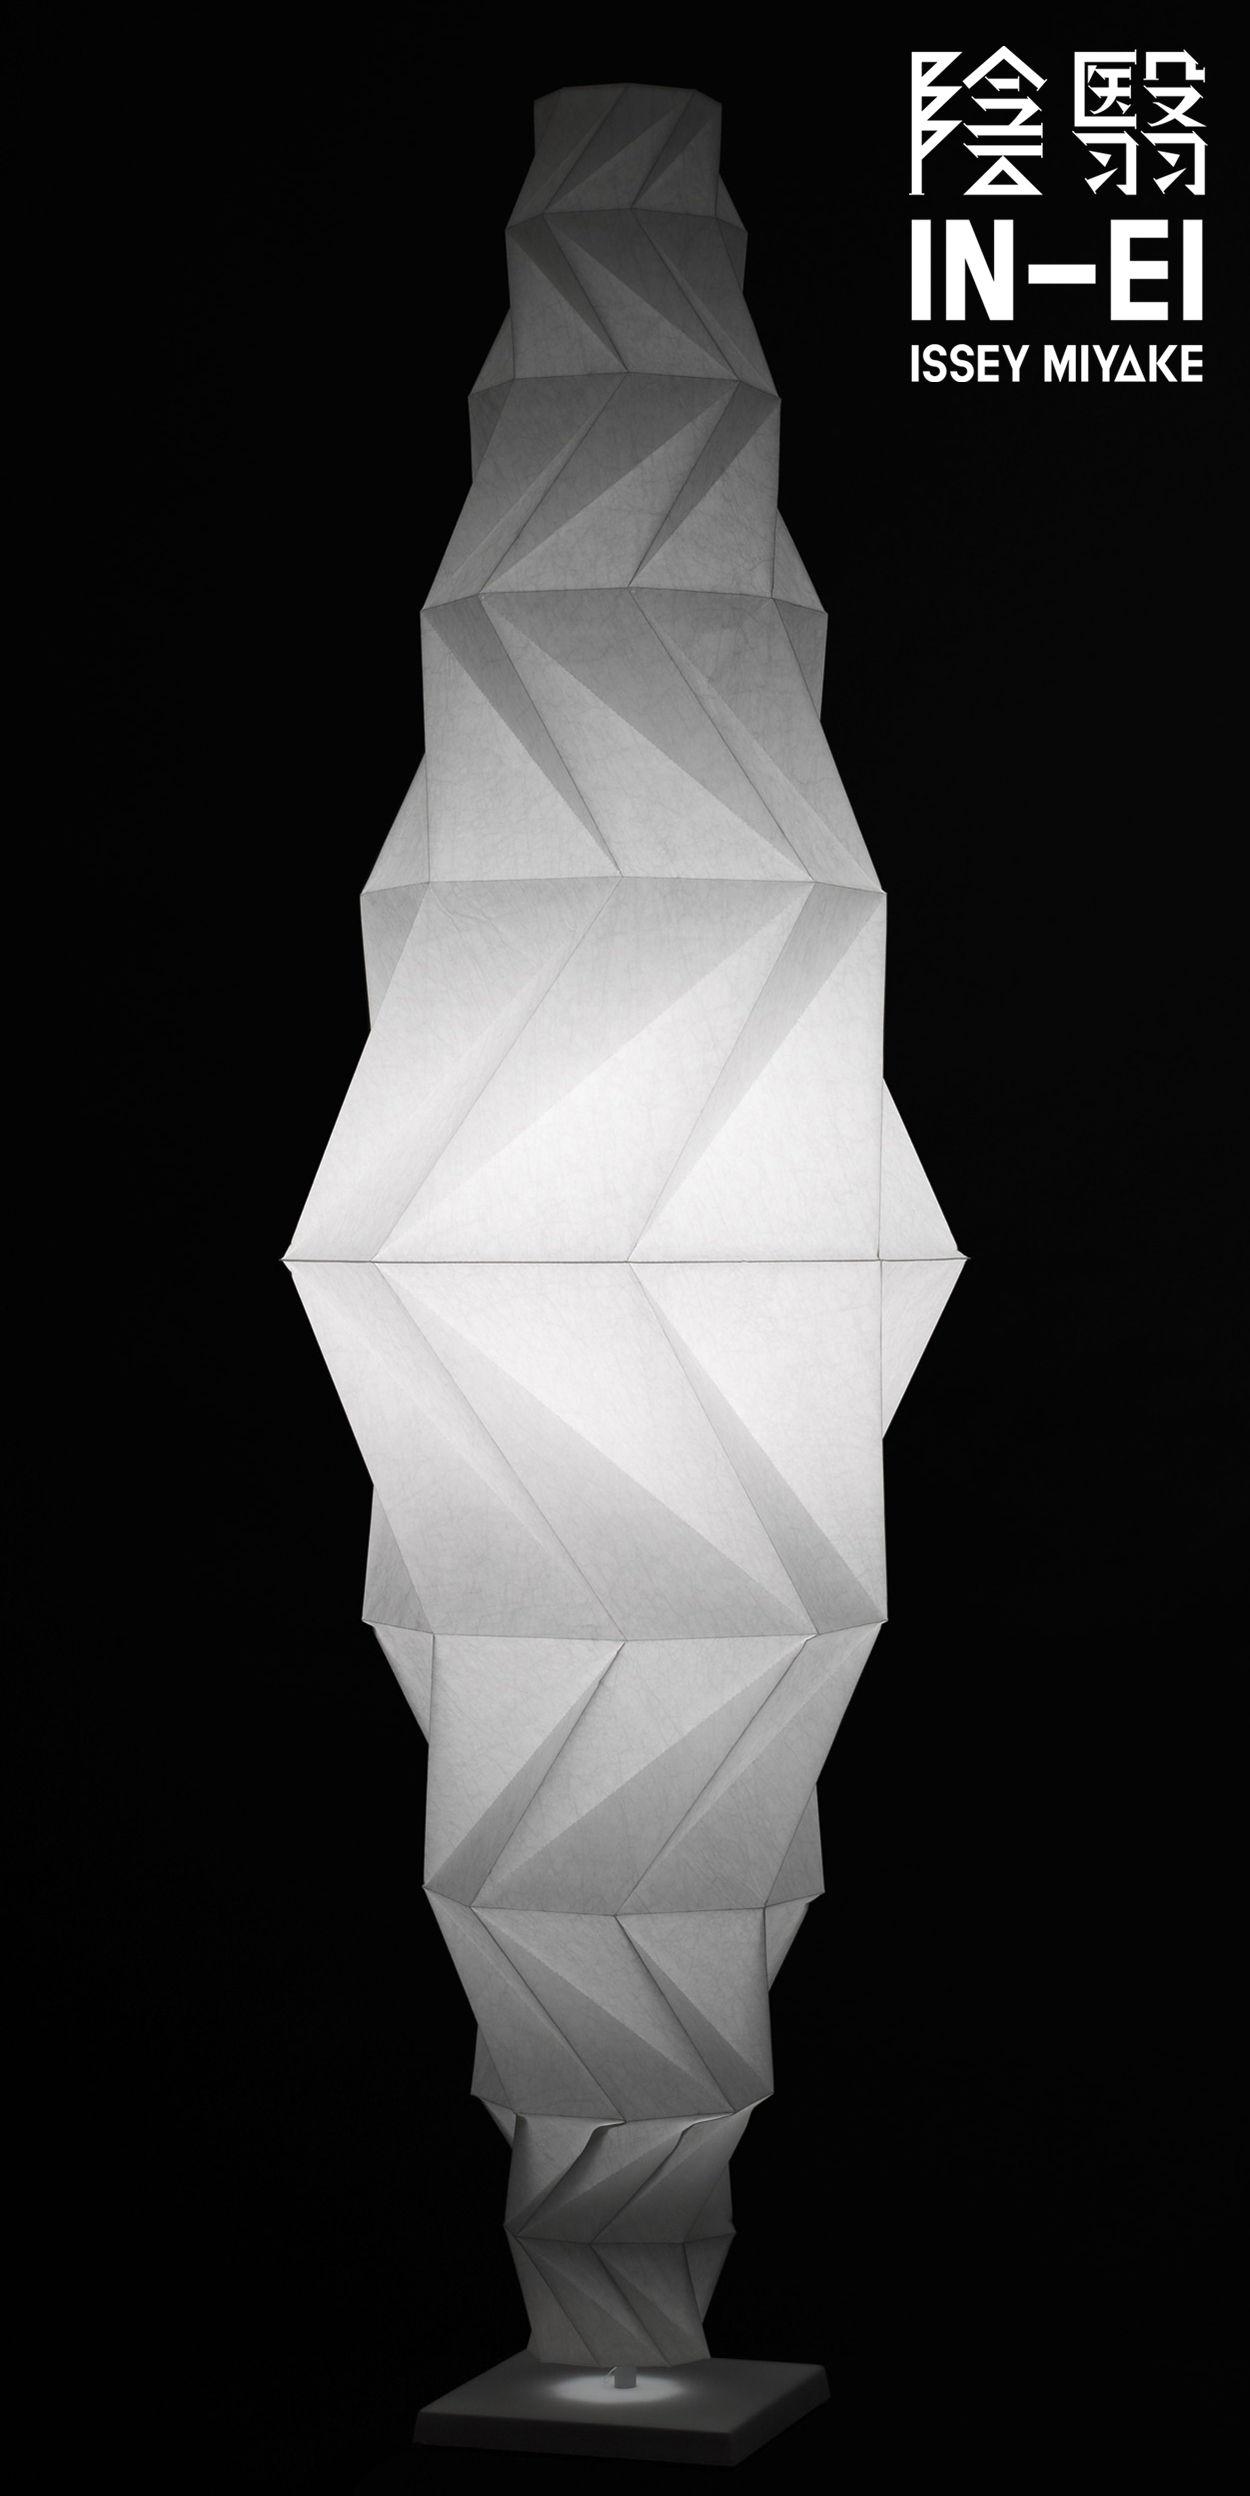 Leuchten - Stehleuchten - IN-EI Minomushi LED Stehleuchte / Ø 62 cm x H 195 cm - Artemide - Weiß - bemaltes Aluminium, Recycelte PET-Faser